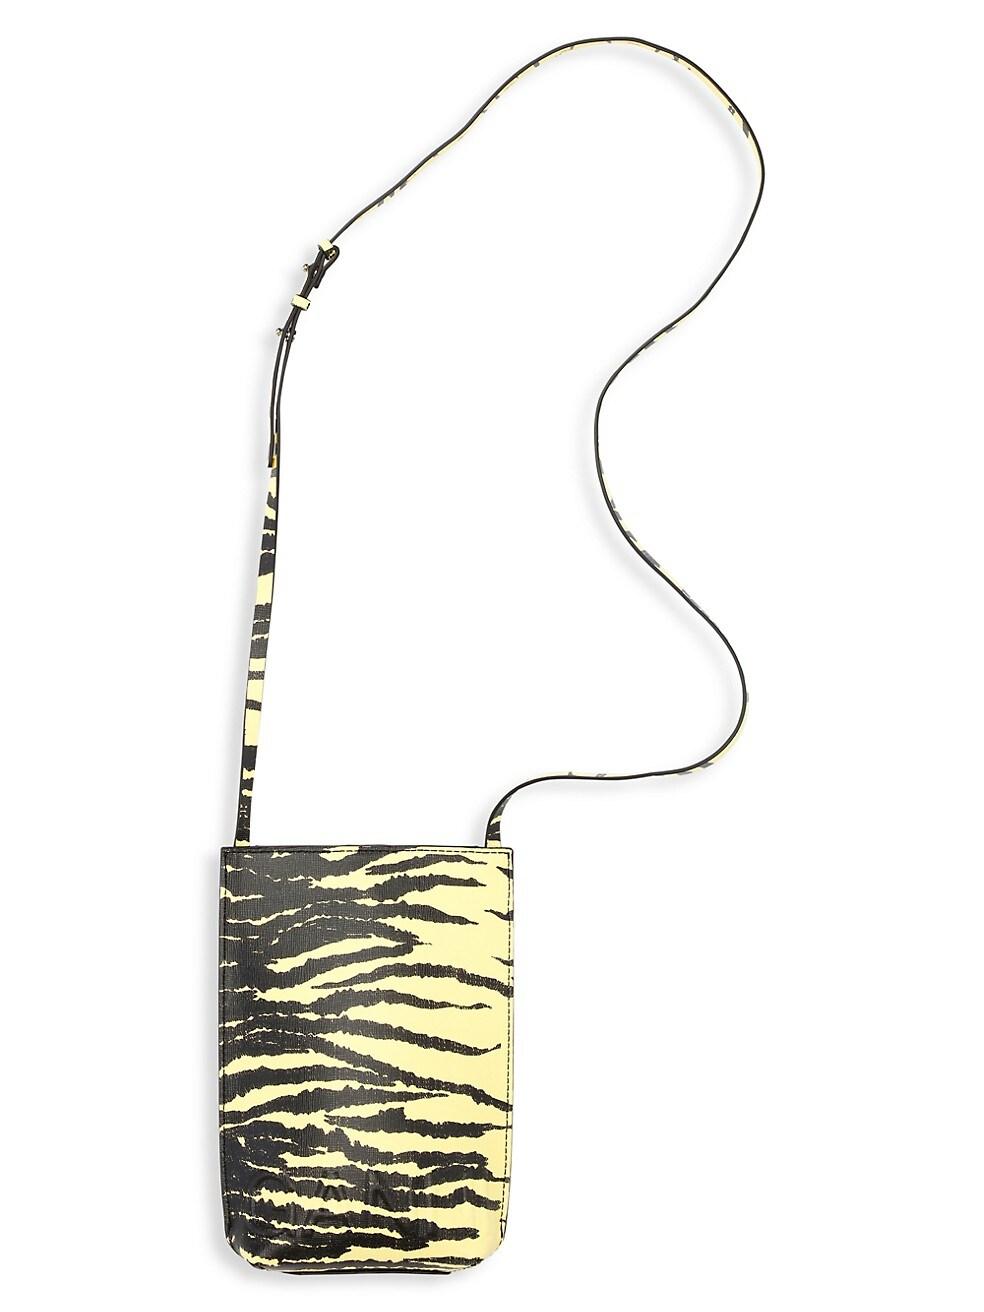 가니 크로스백 - 미니 타이거 스트라이프 (예리 착용)  Ganni Small Tiger Sripe Leather Crossbody Bag,PALE BANANA